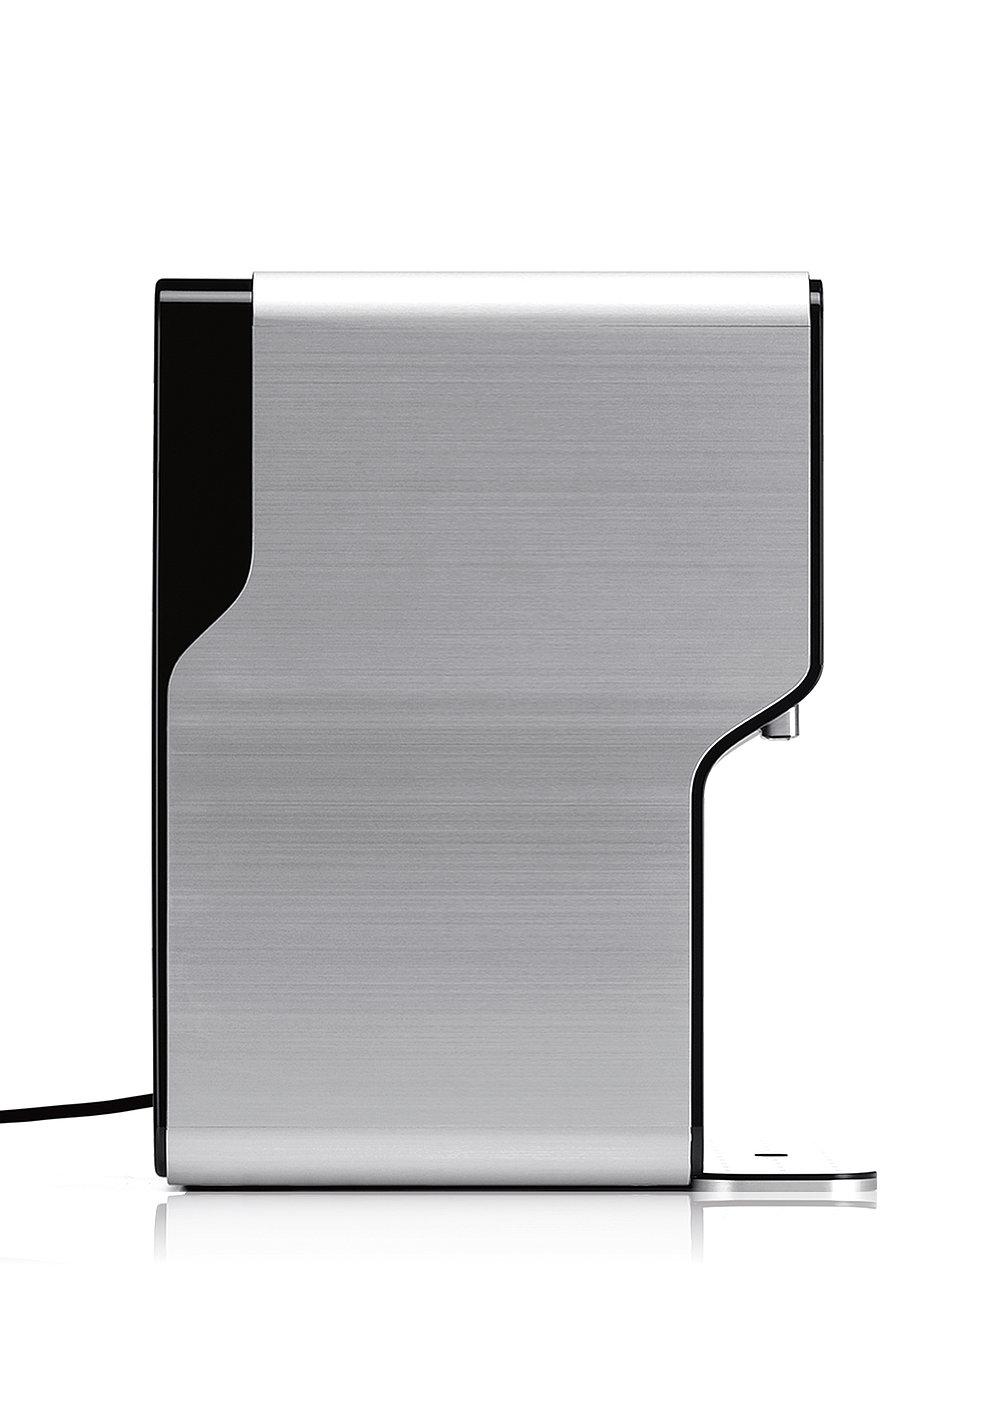 SMART Water Purifier | Red Dot Design Award